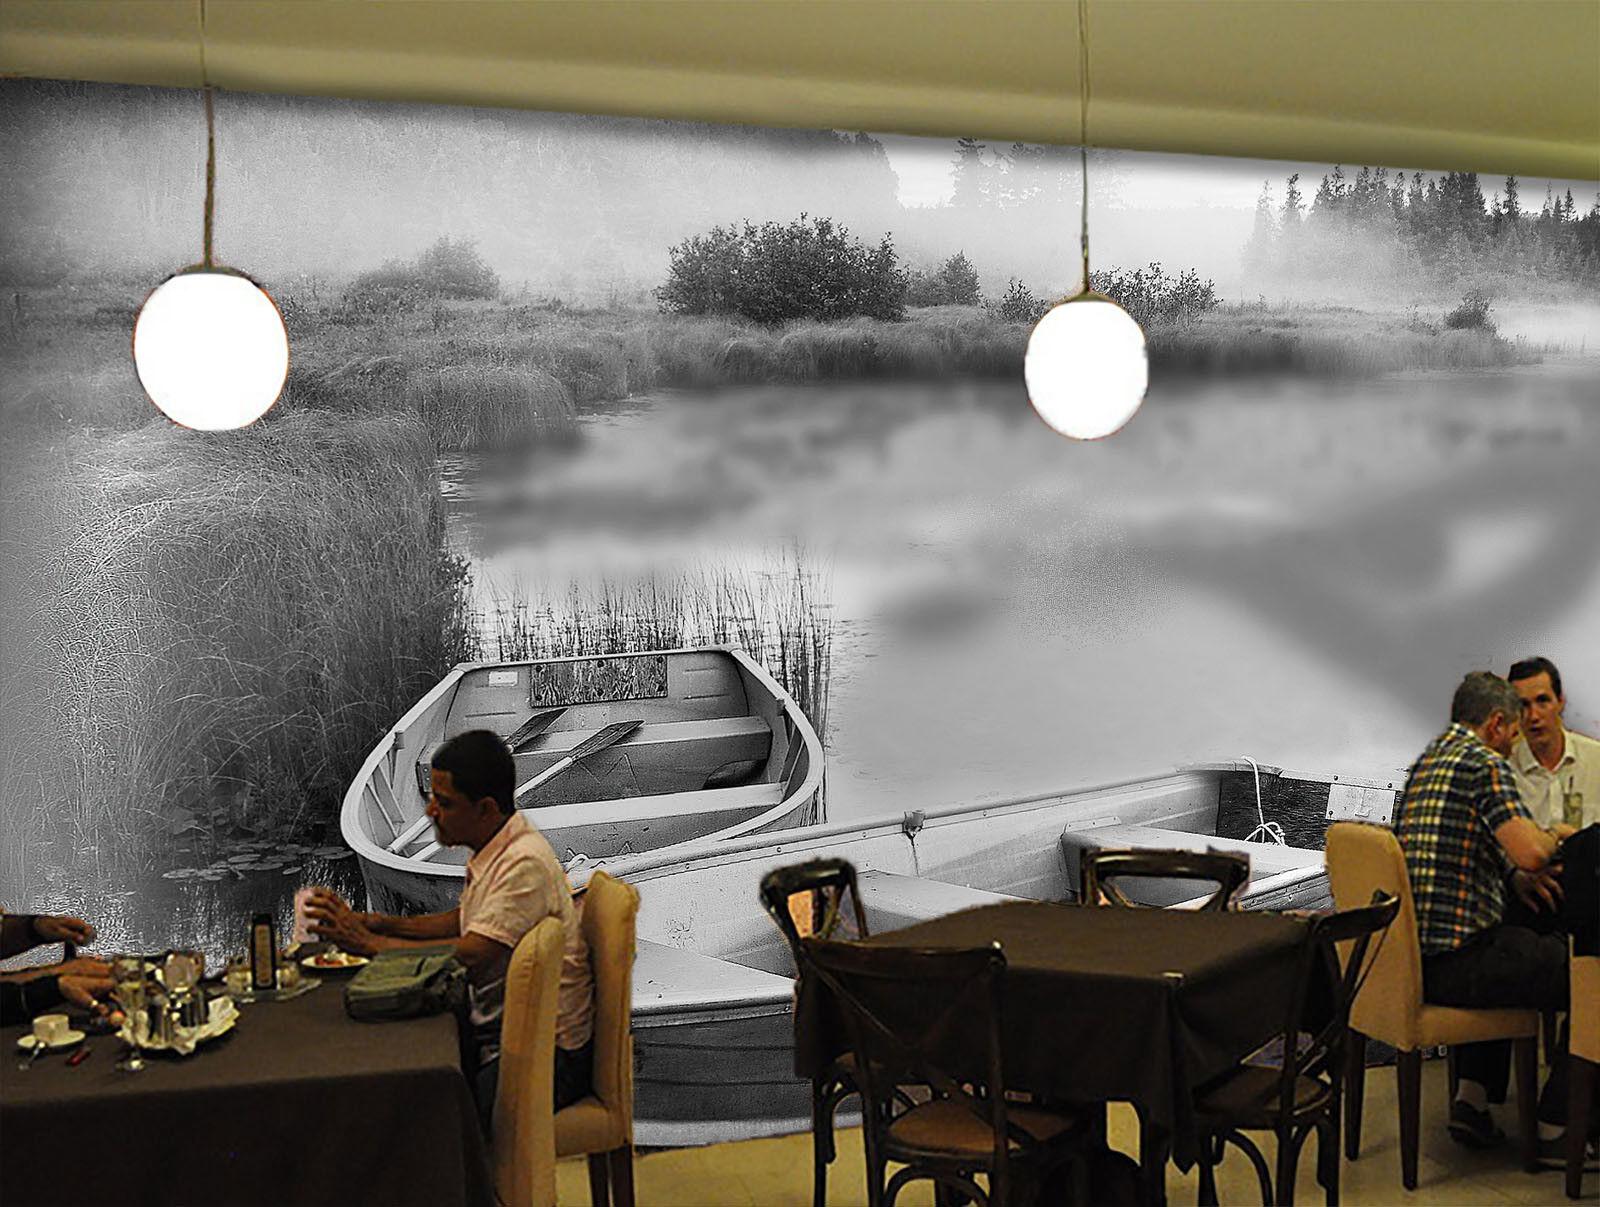 Papel Pintado Mural De Vellón Niebla Lagos Barco 22 22 Barco Paisaje Fondo De Pantalla ES 32216e